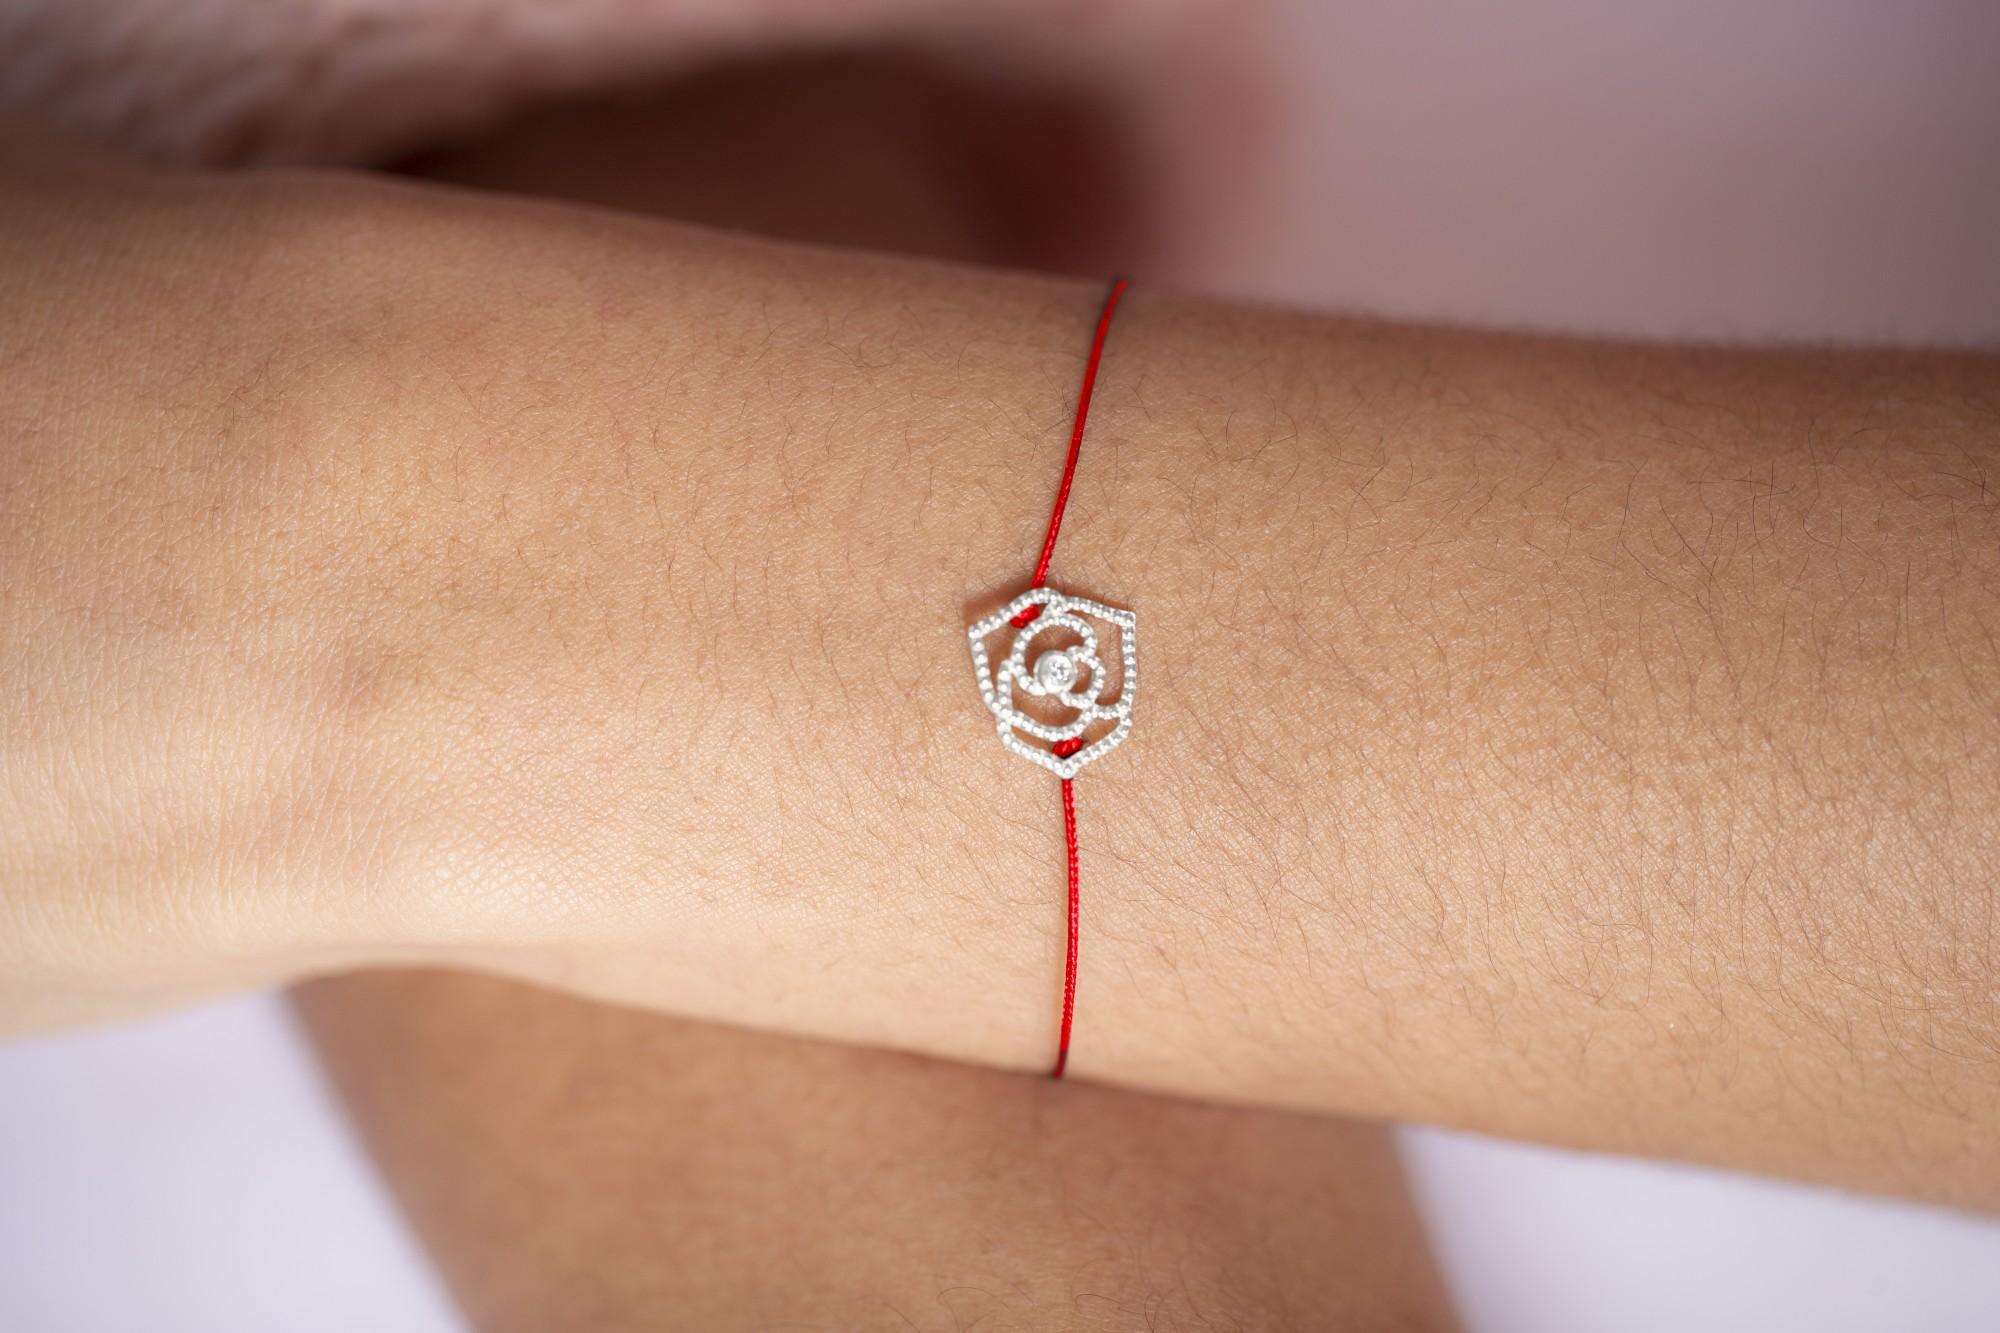 Bracelet argent 925 millièmes rhodié Femme La Garçonne Diamant